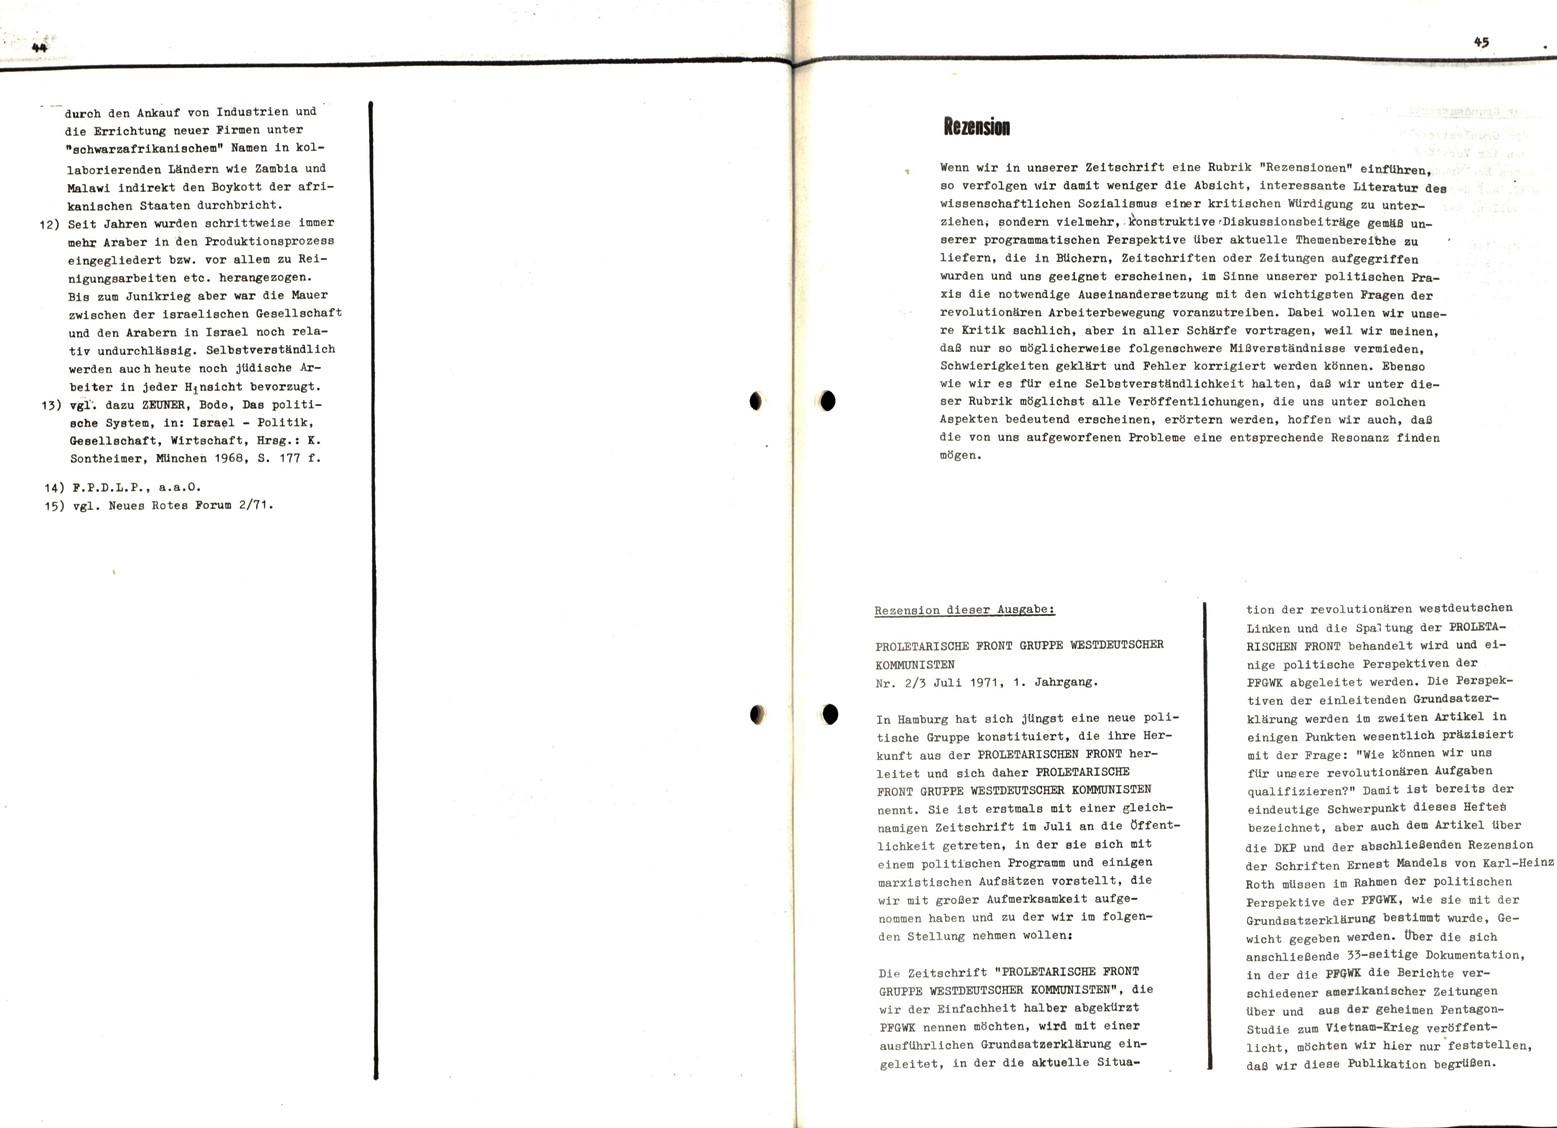 Proletarische_Front_1971_02_23